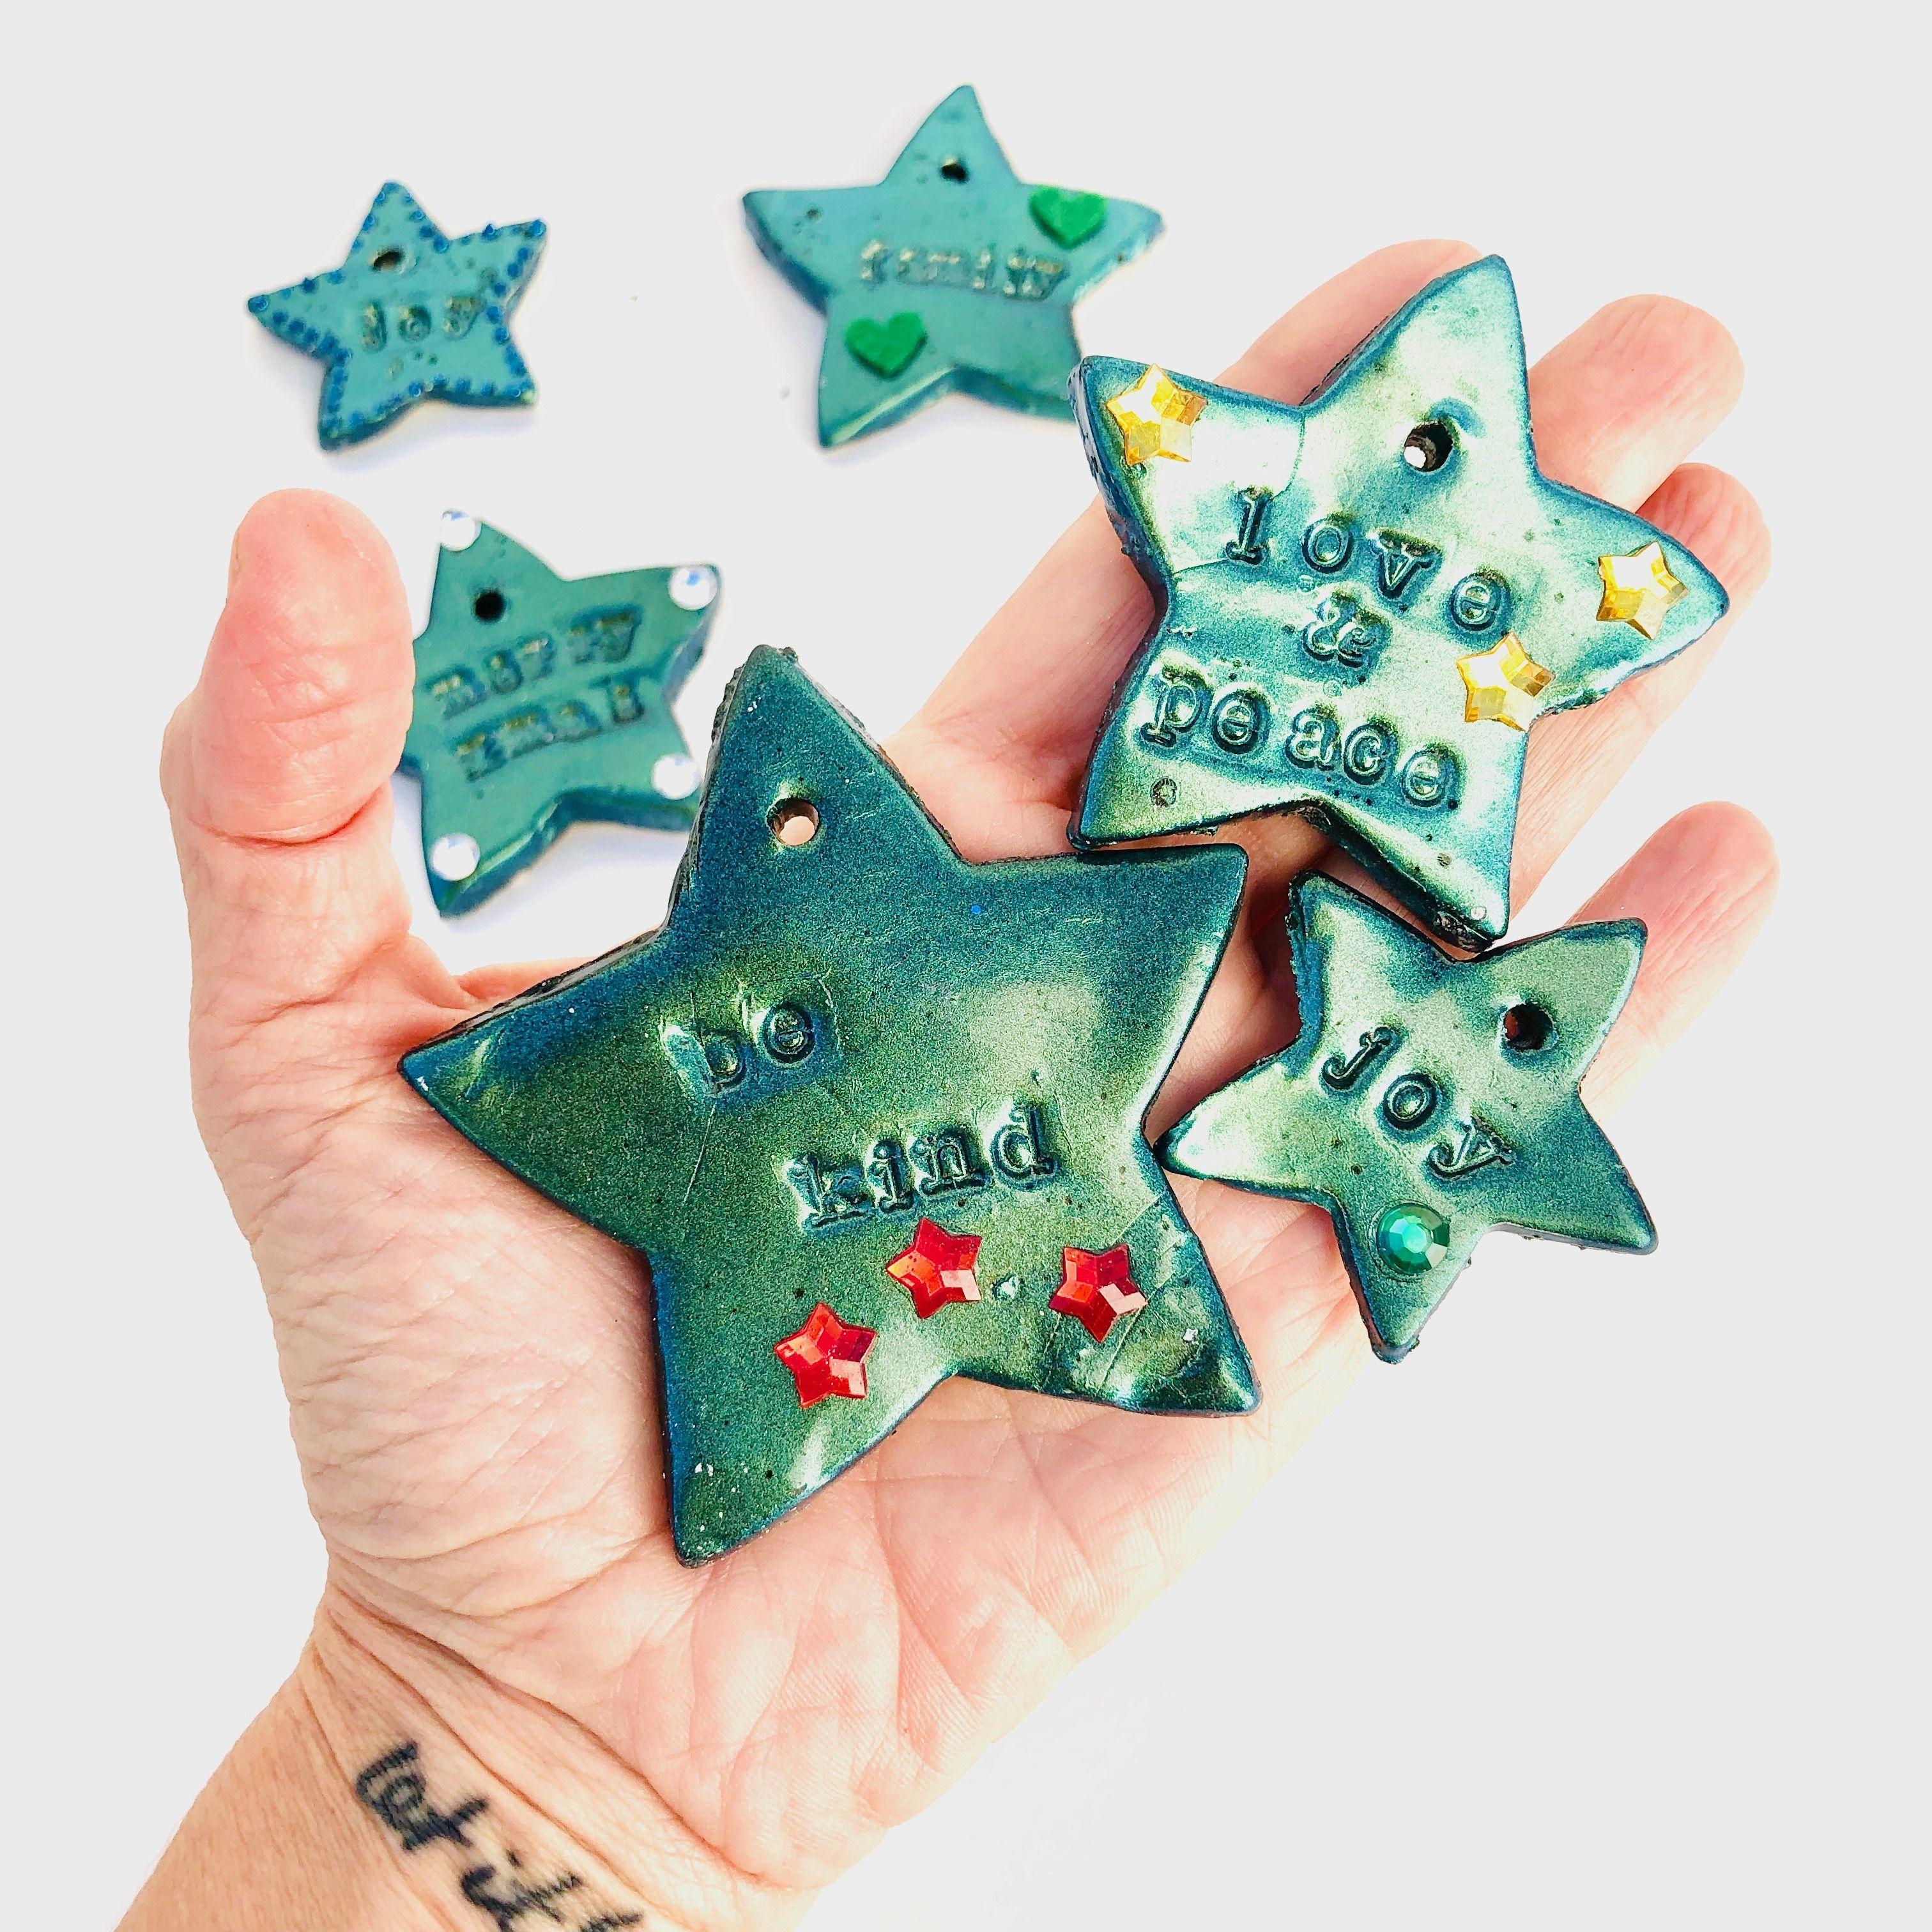 Air Dry Clay Ornament Air Dry Clay Clay Ornaments Crayola Air Dry Clay